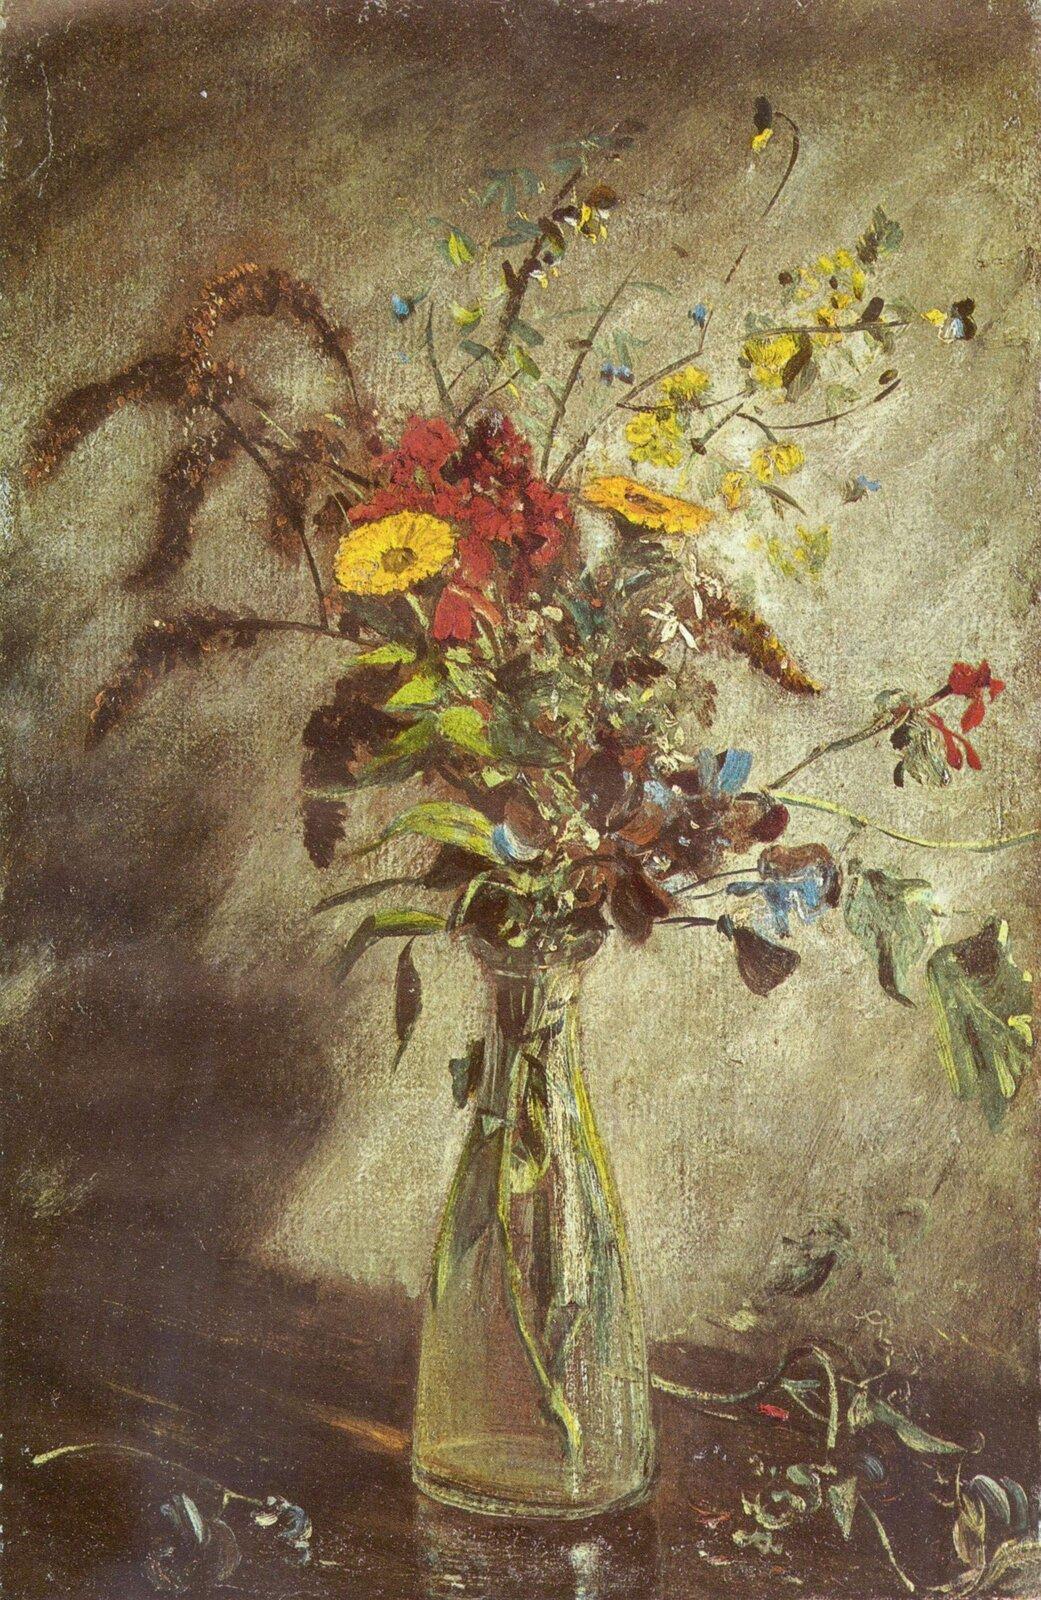 """Ilustracja przedstawia obraz """"Kwiaty wszklanej wazie"""" autorstwa Johna Constable. Wcentrum kompozycji ukazany jest bukiet wszklanym flakonie. Dynamicznie ułożone, polne kwiaty wystające znad wąskiej szyjki wazonu namalowane są widocznymi, lekkimi pociągnięciami pędzla. Flakon zbukietem stoi na brązowym blacie stołu na którym leżą drobne fragmenty kwiatów. Tło stanowi szaro-brązowa ściana zciemną plamą cienia po lewej stronie. Całość obrazu namalowana jest luźno, bez zbędnej dbałości oszczegół, mimo to artyście udało się wiernie oddać różny rodzaj materii przedmiotów: przezroczystość szkła wazonu, gładkość blatu stołu, delikatność kwiatów czy chropowatość ściany. Kolorystyka utrzymana jest wtonacji szaro-brązowej zakcentami żółci, czerwieni, błękitu izieleni. Dzieło wykonane jest wtechnice olejnej."""